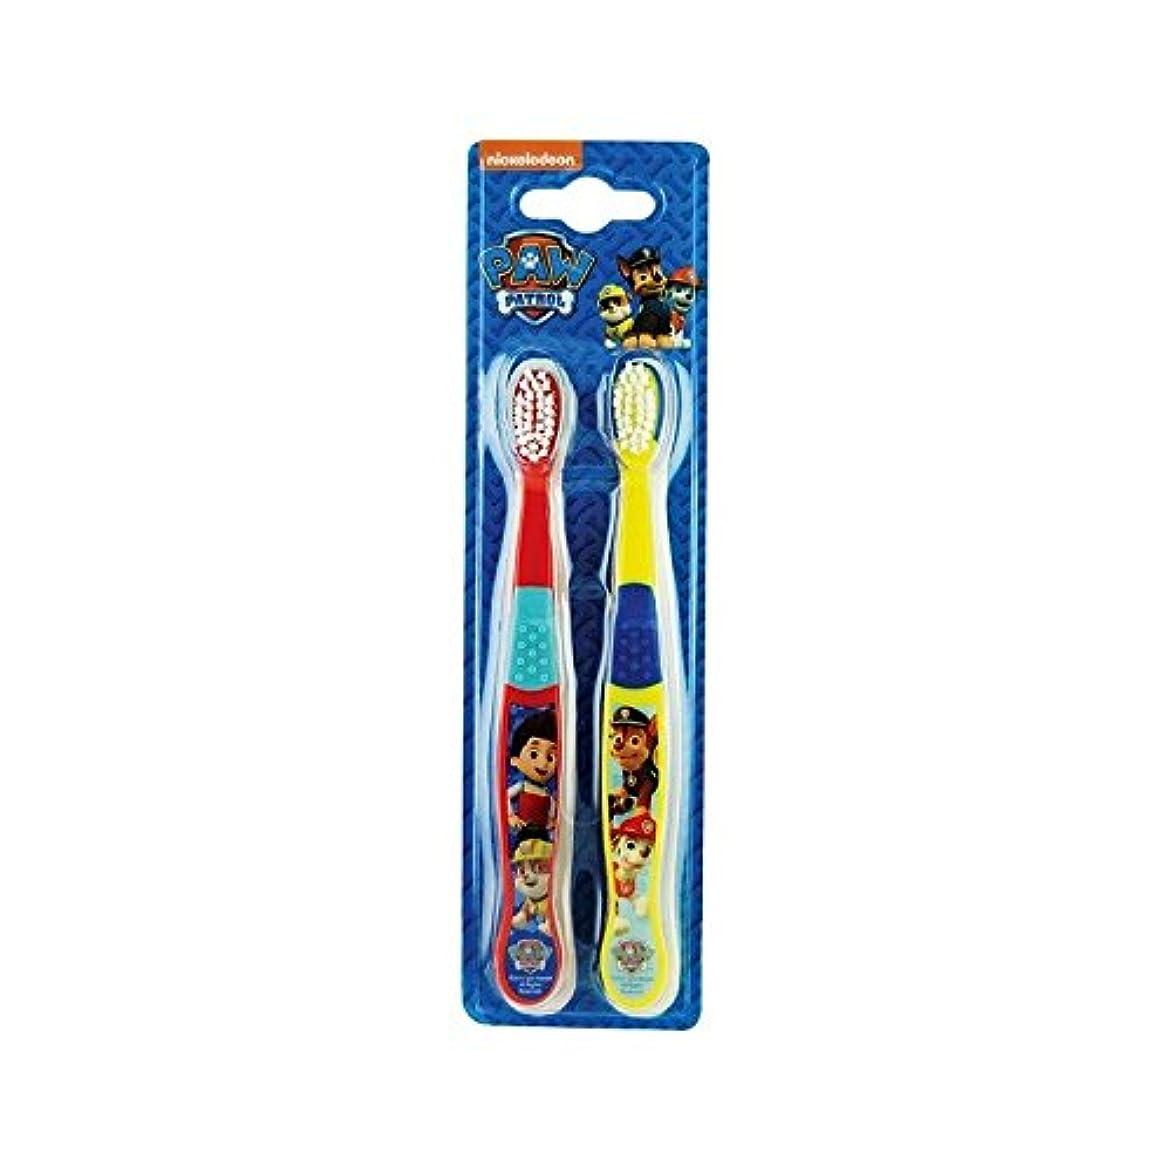 山積みの悲しみムス1パックツイン歯ブラシ2 (Paw Patrol) (x 6) - Paw Patrol Twin Toothbrush 2 per pack (Pack of 6) [並行輸入品]